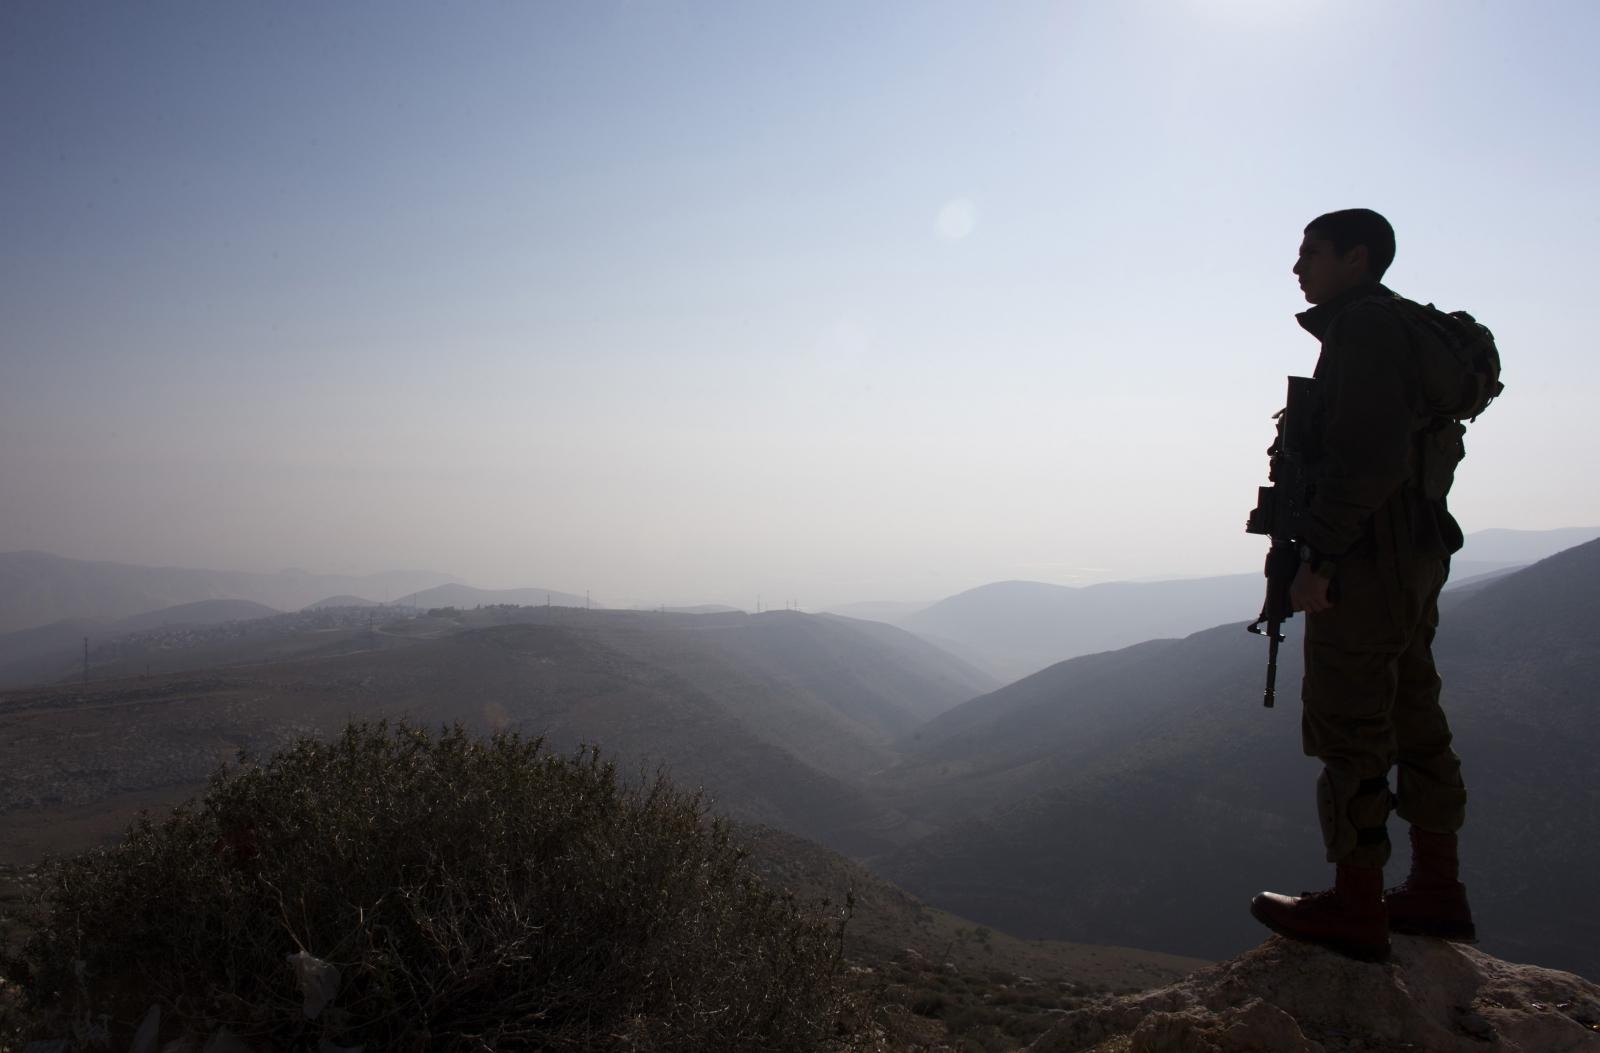 Israel West Bank Palestine